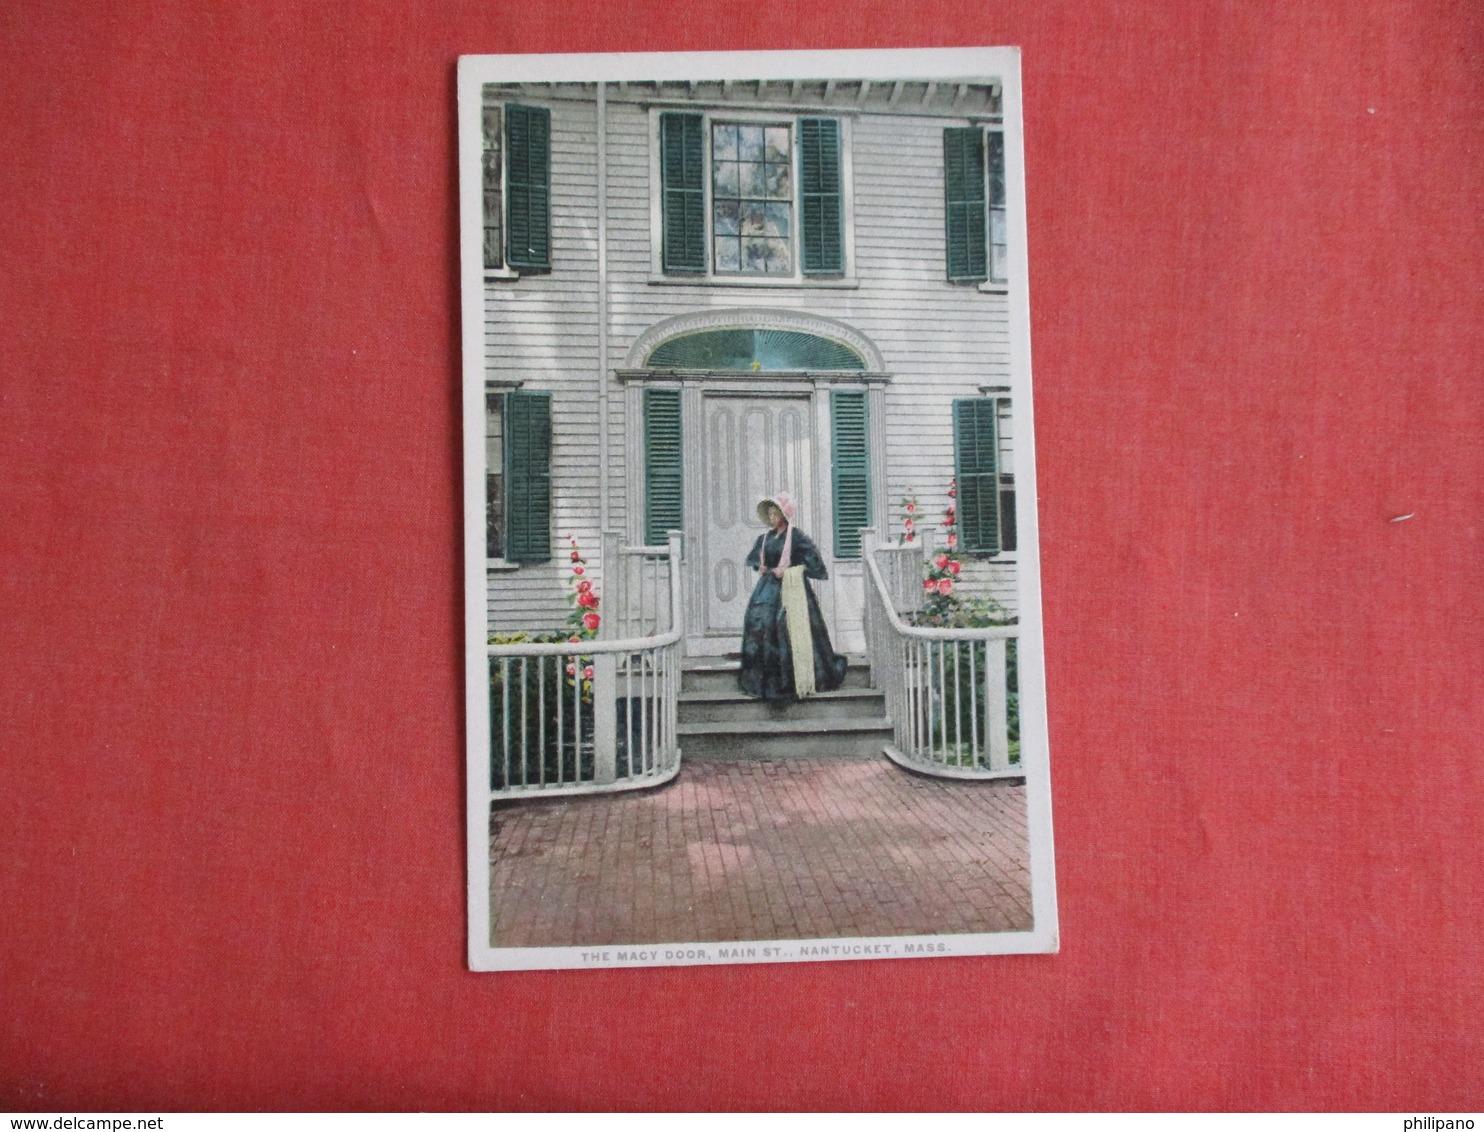 The Macy Door     Massachusetts > Nantucket   Detroit Publisher     Ref 3141 - Nantucket